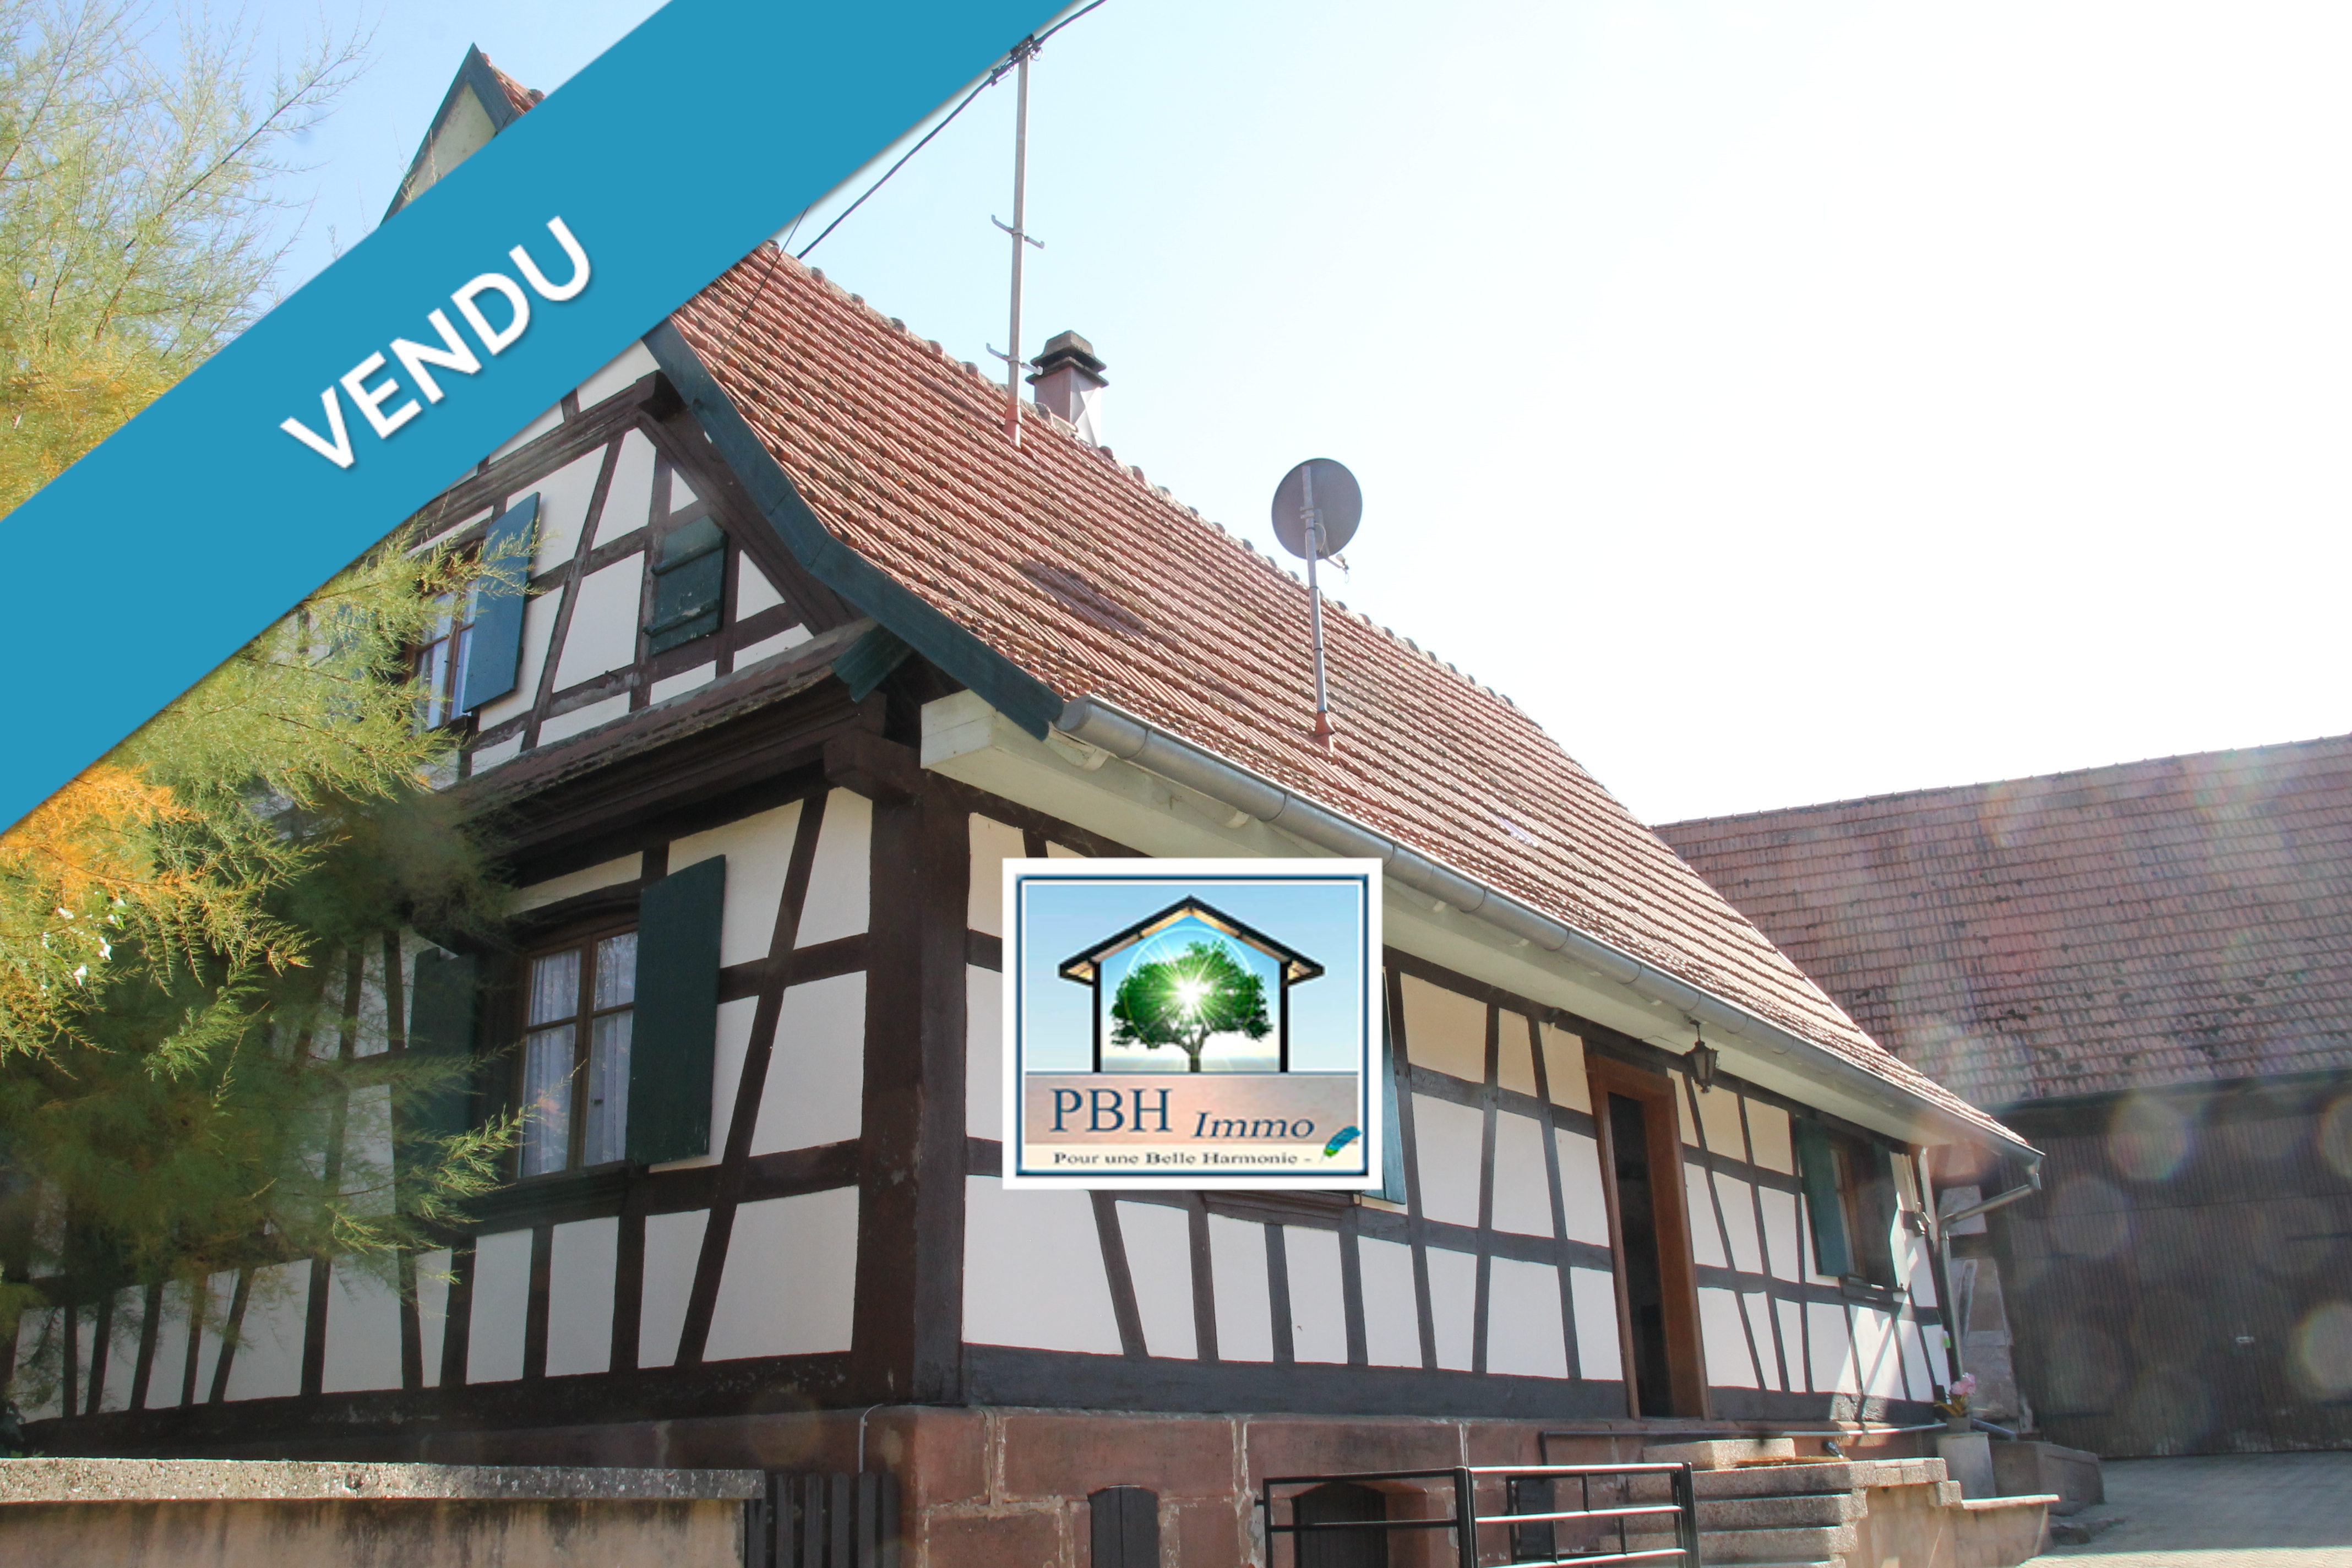 vente maison obermodern zutzendorf 67330 sur le partenaire. Black Bedroom Furniture Sets. Home Design Ideas